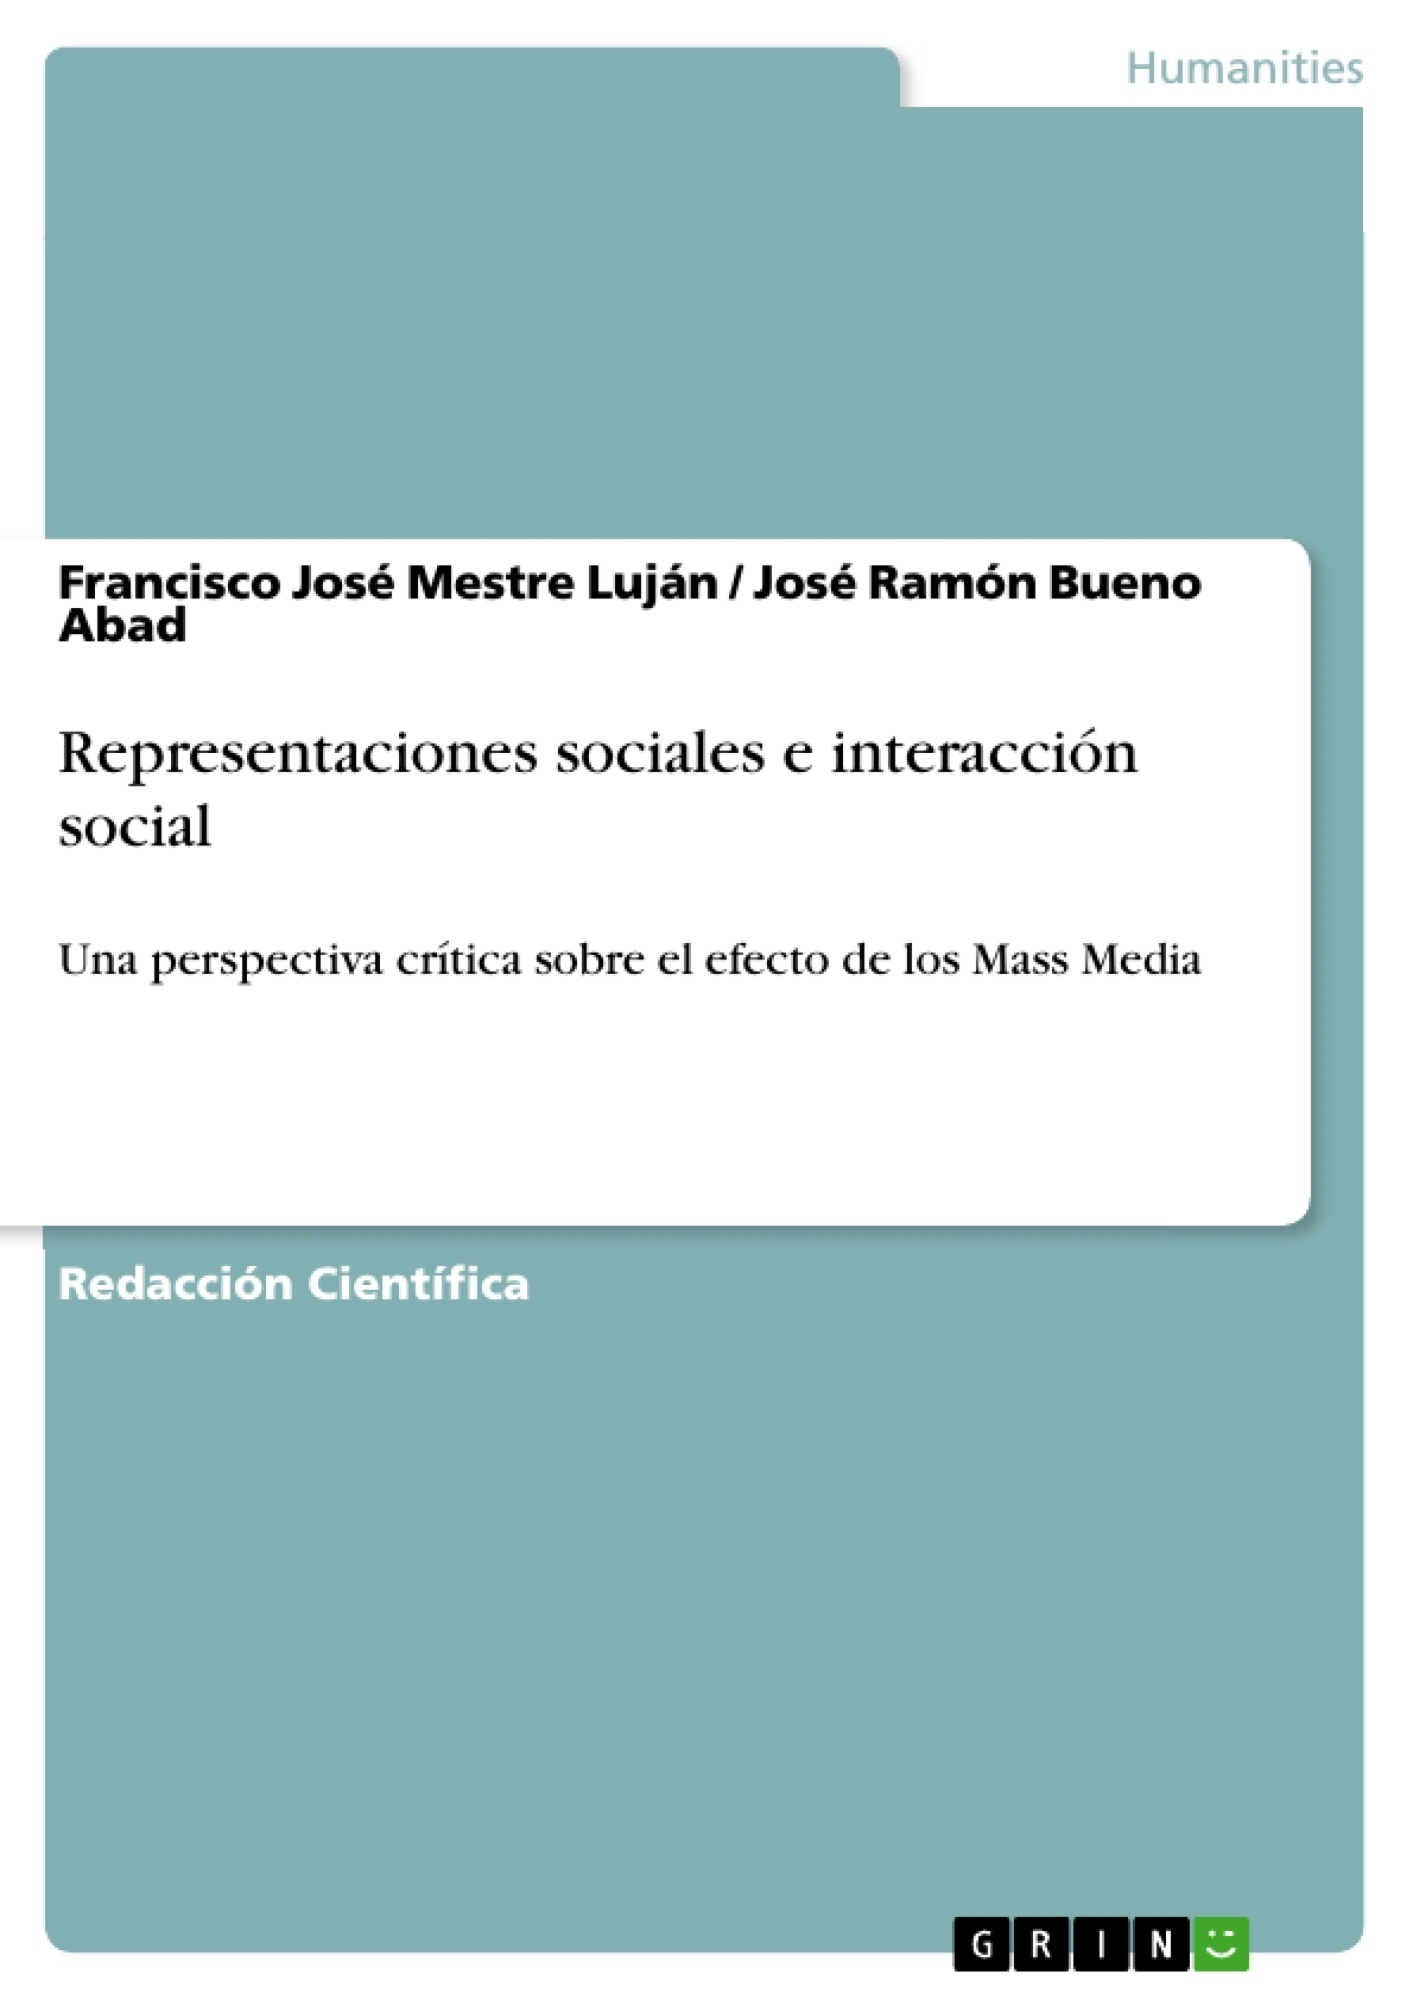 Título: Representaciones sociales e interacción social